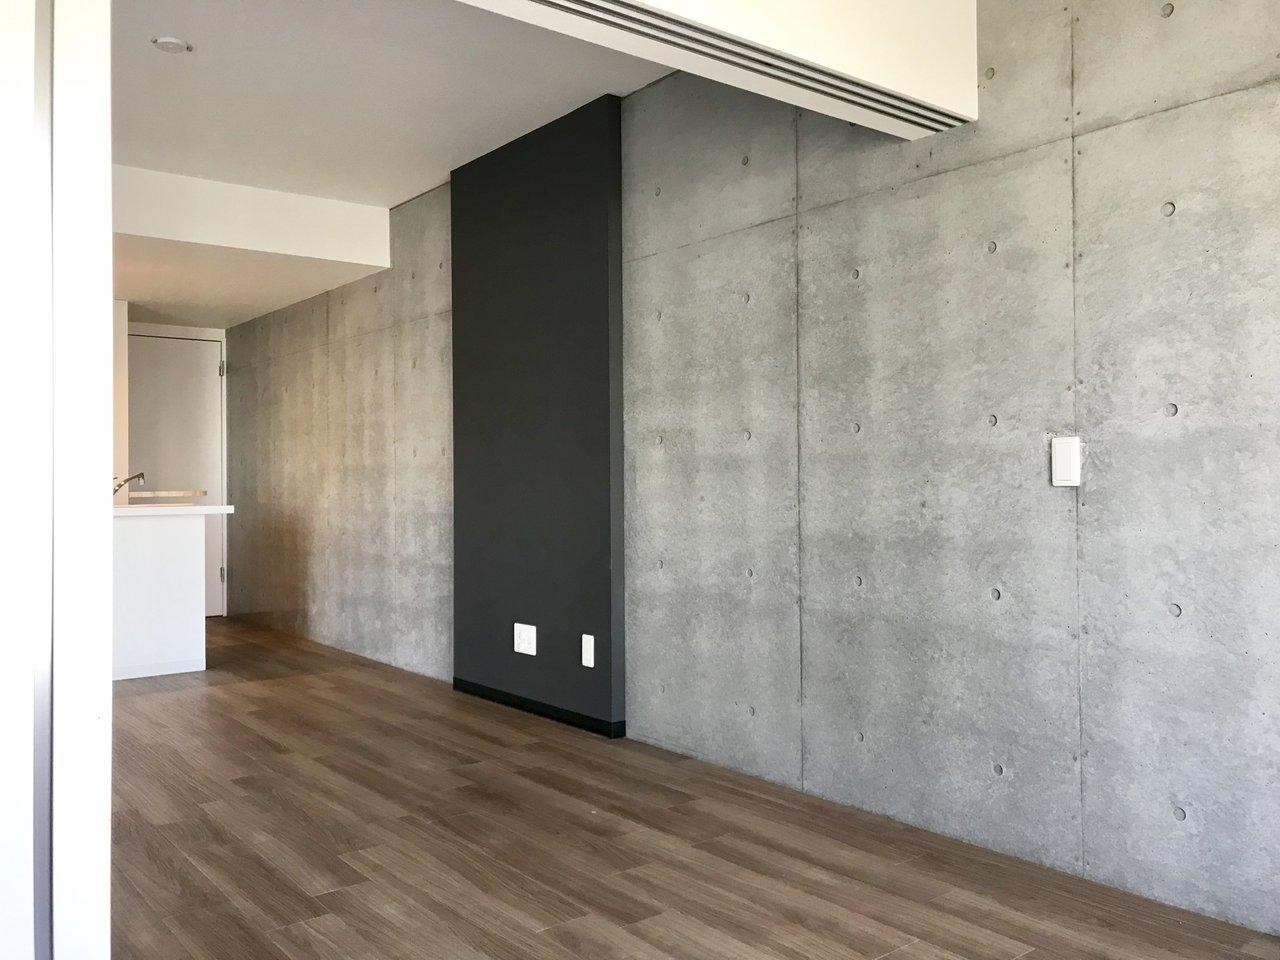 スタイリッシュな壁紙と、木目フローリングの温かみがいい感じにマッチしていますね。2階のこの部分だけで11.4畳あります。置きたいインテリアは十分設置可能でしょう。